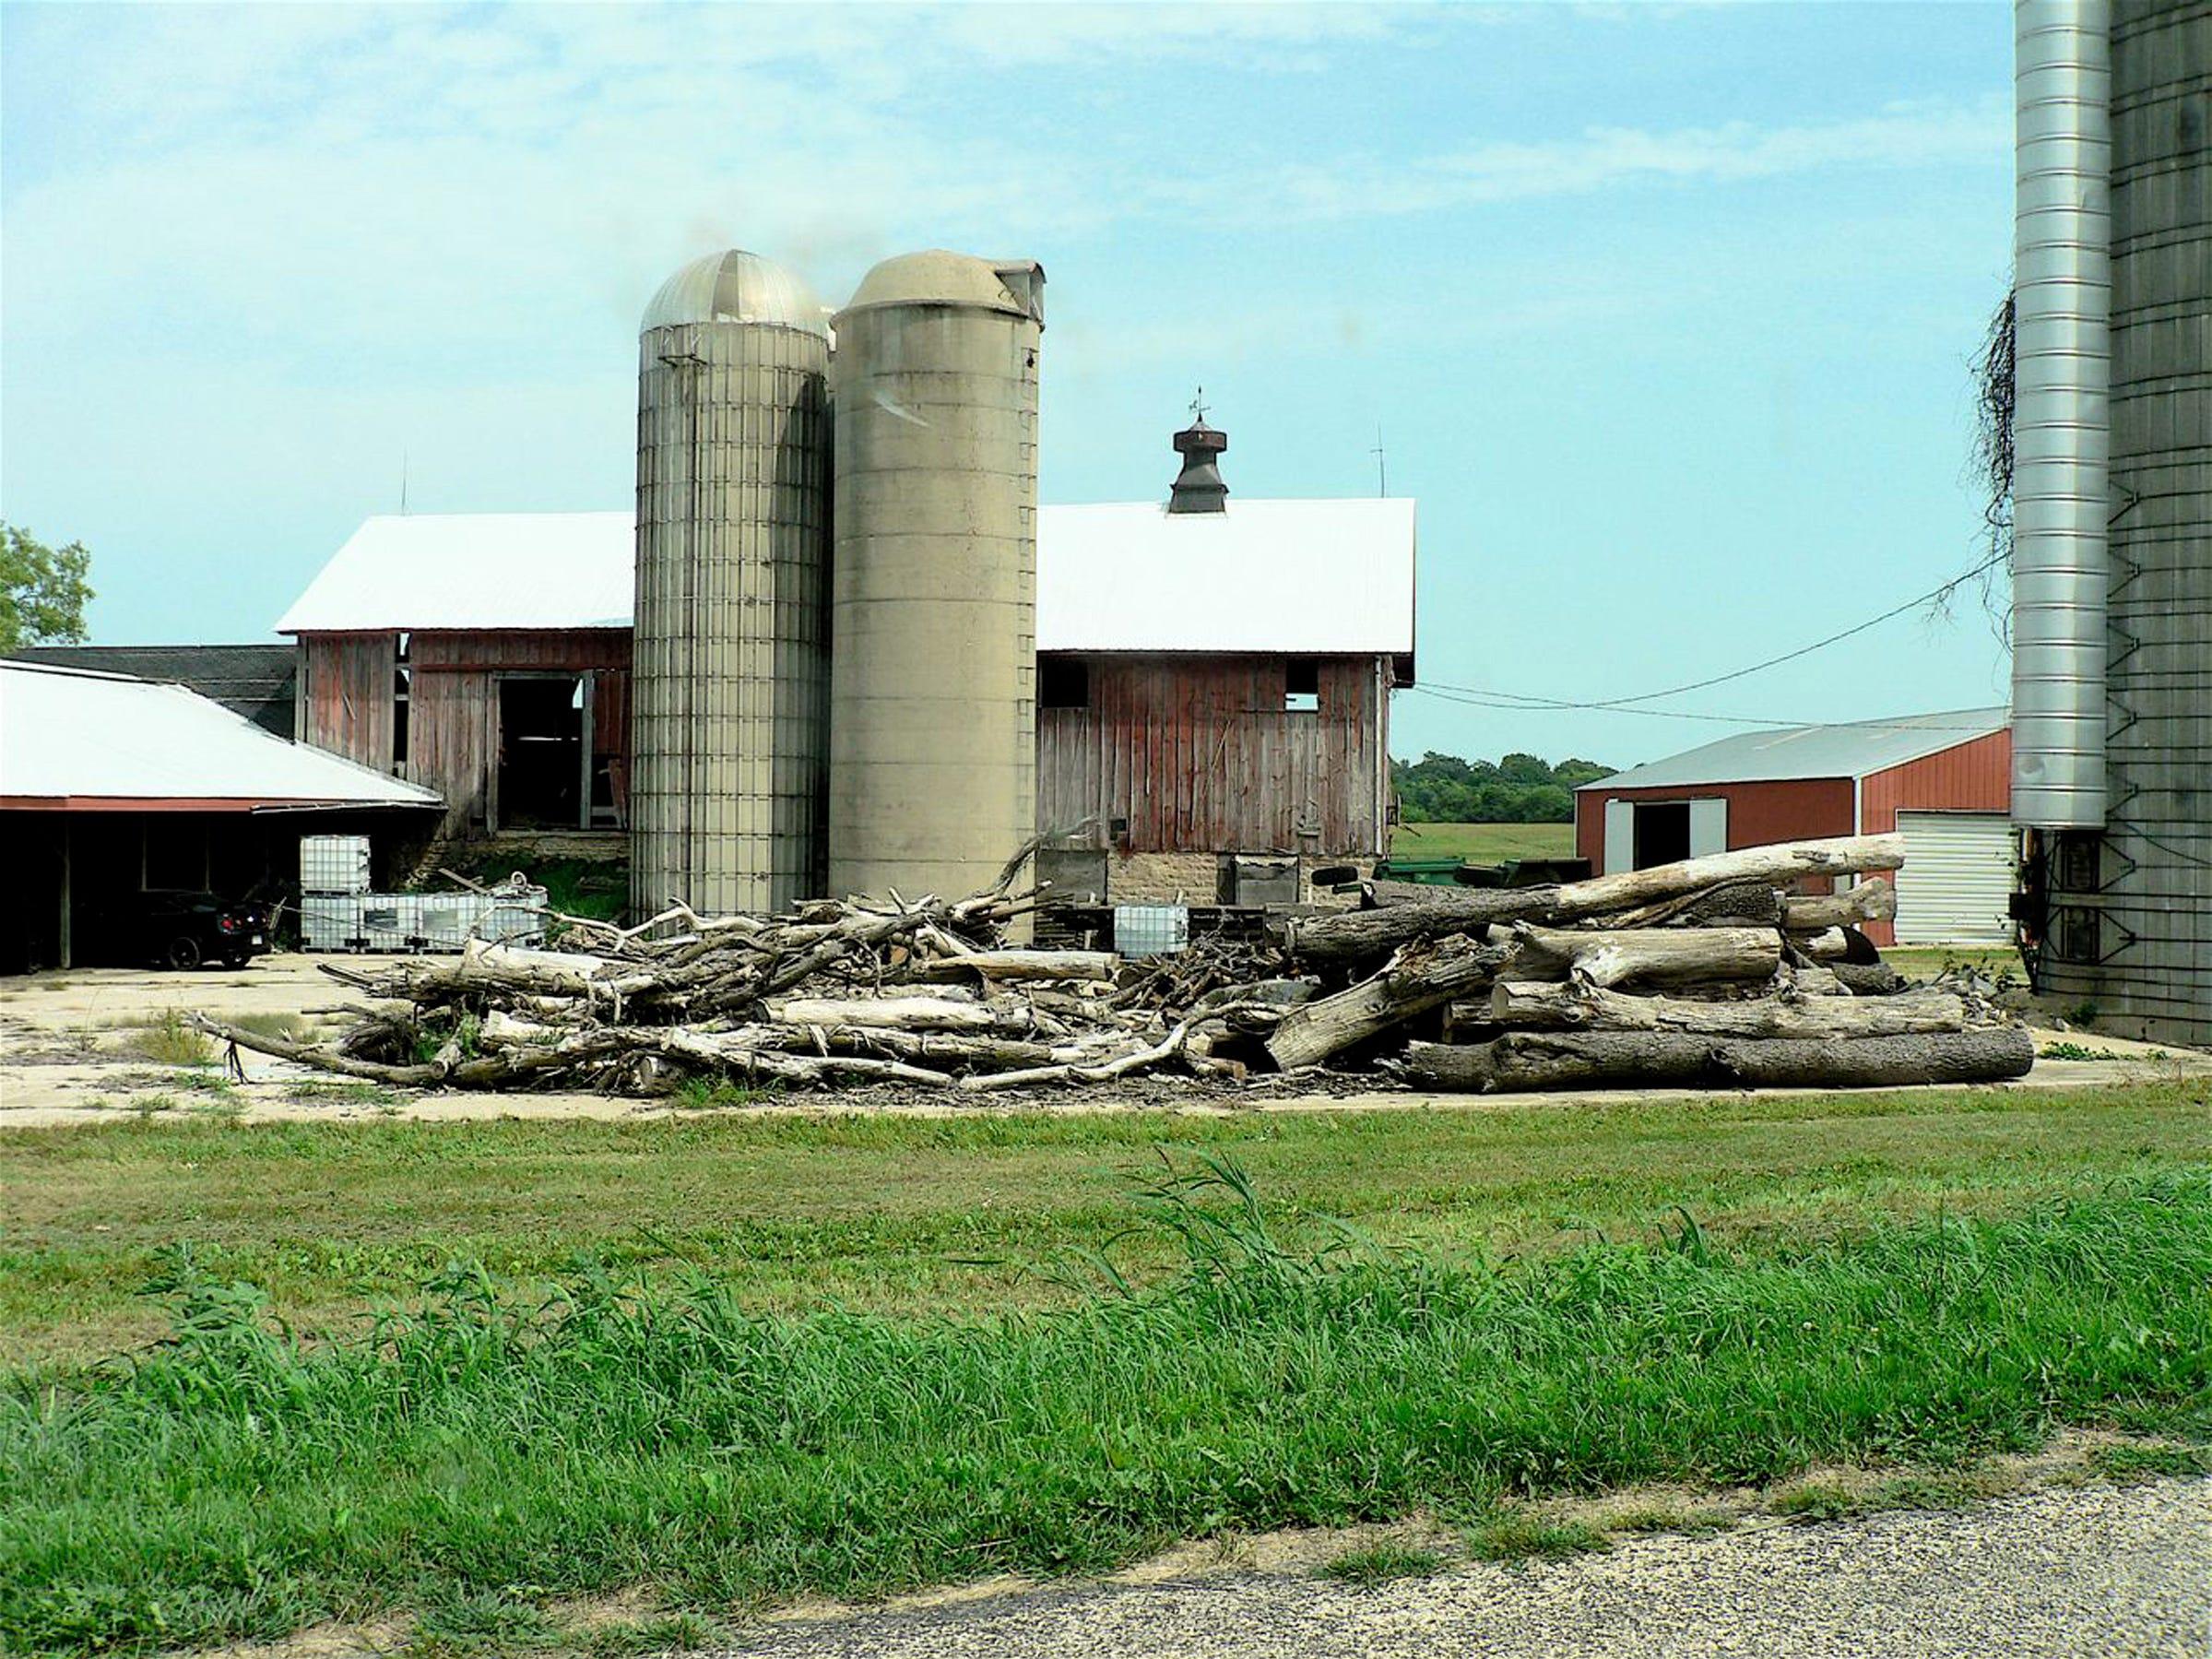 An empty barn is a sad sight.